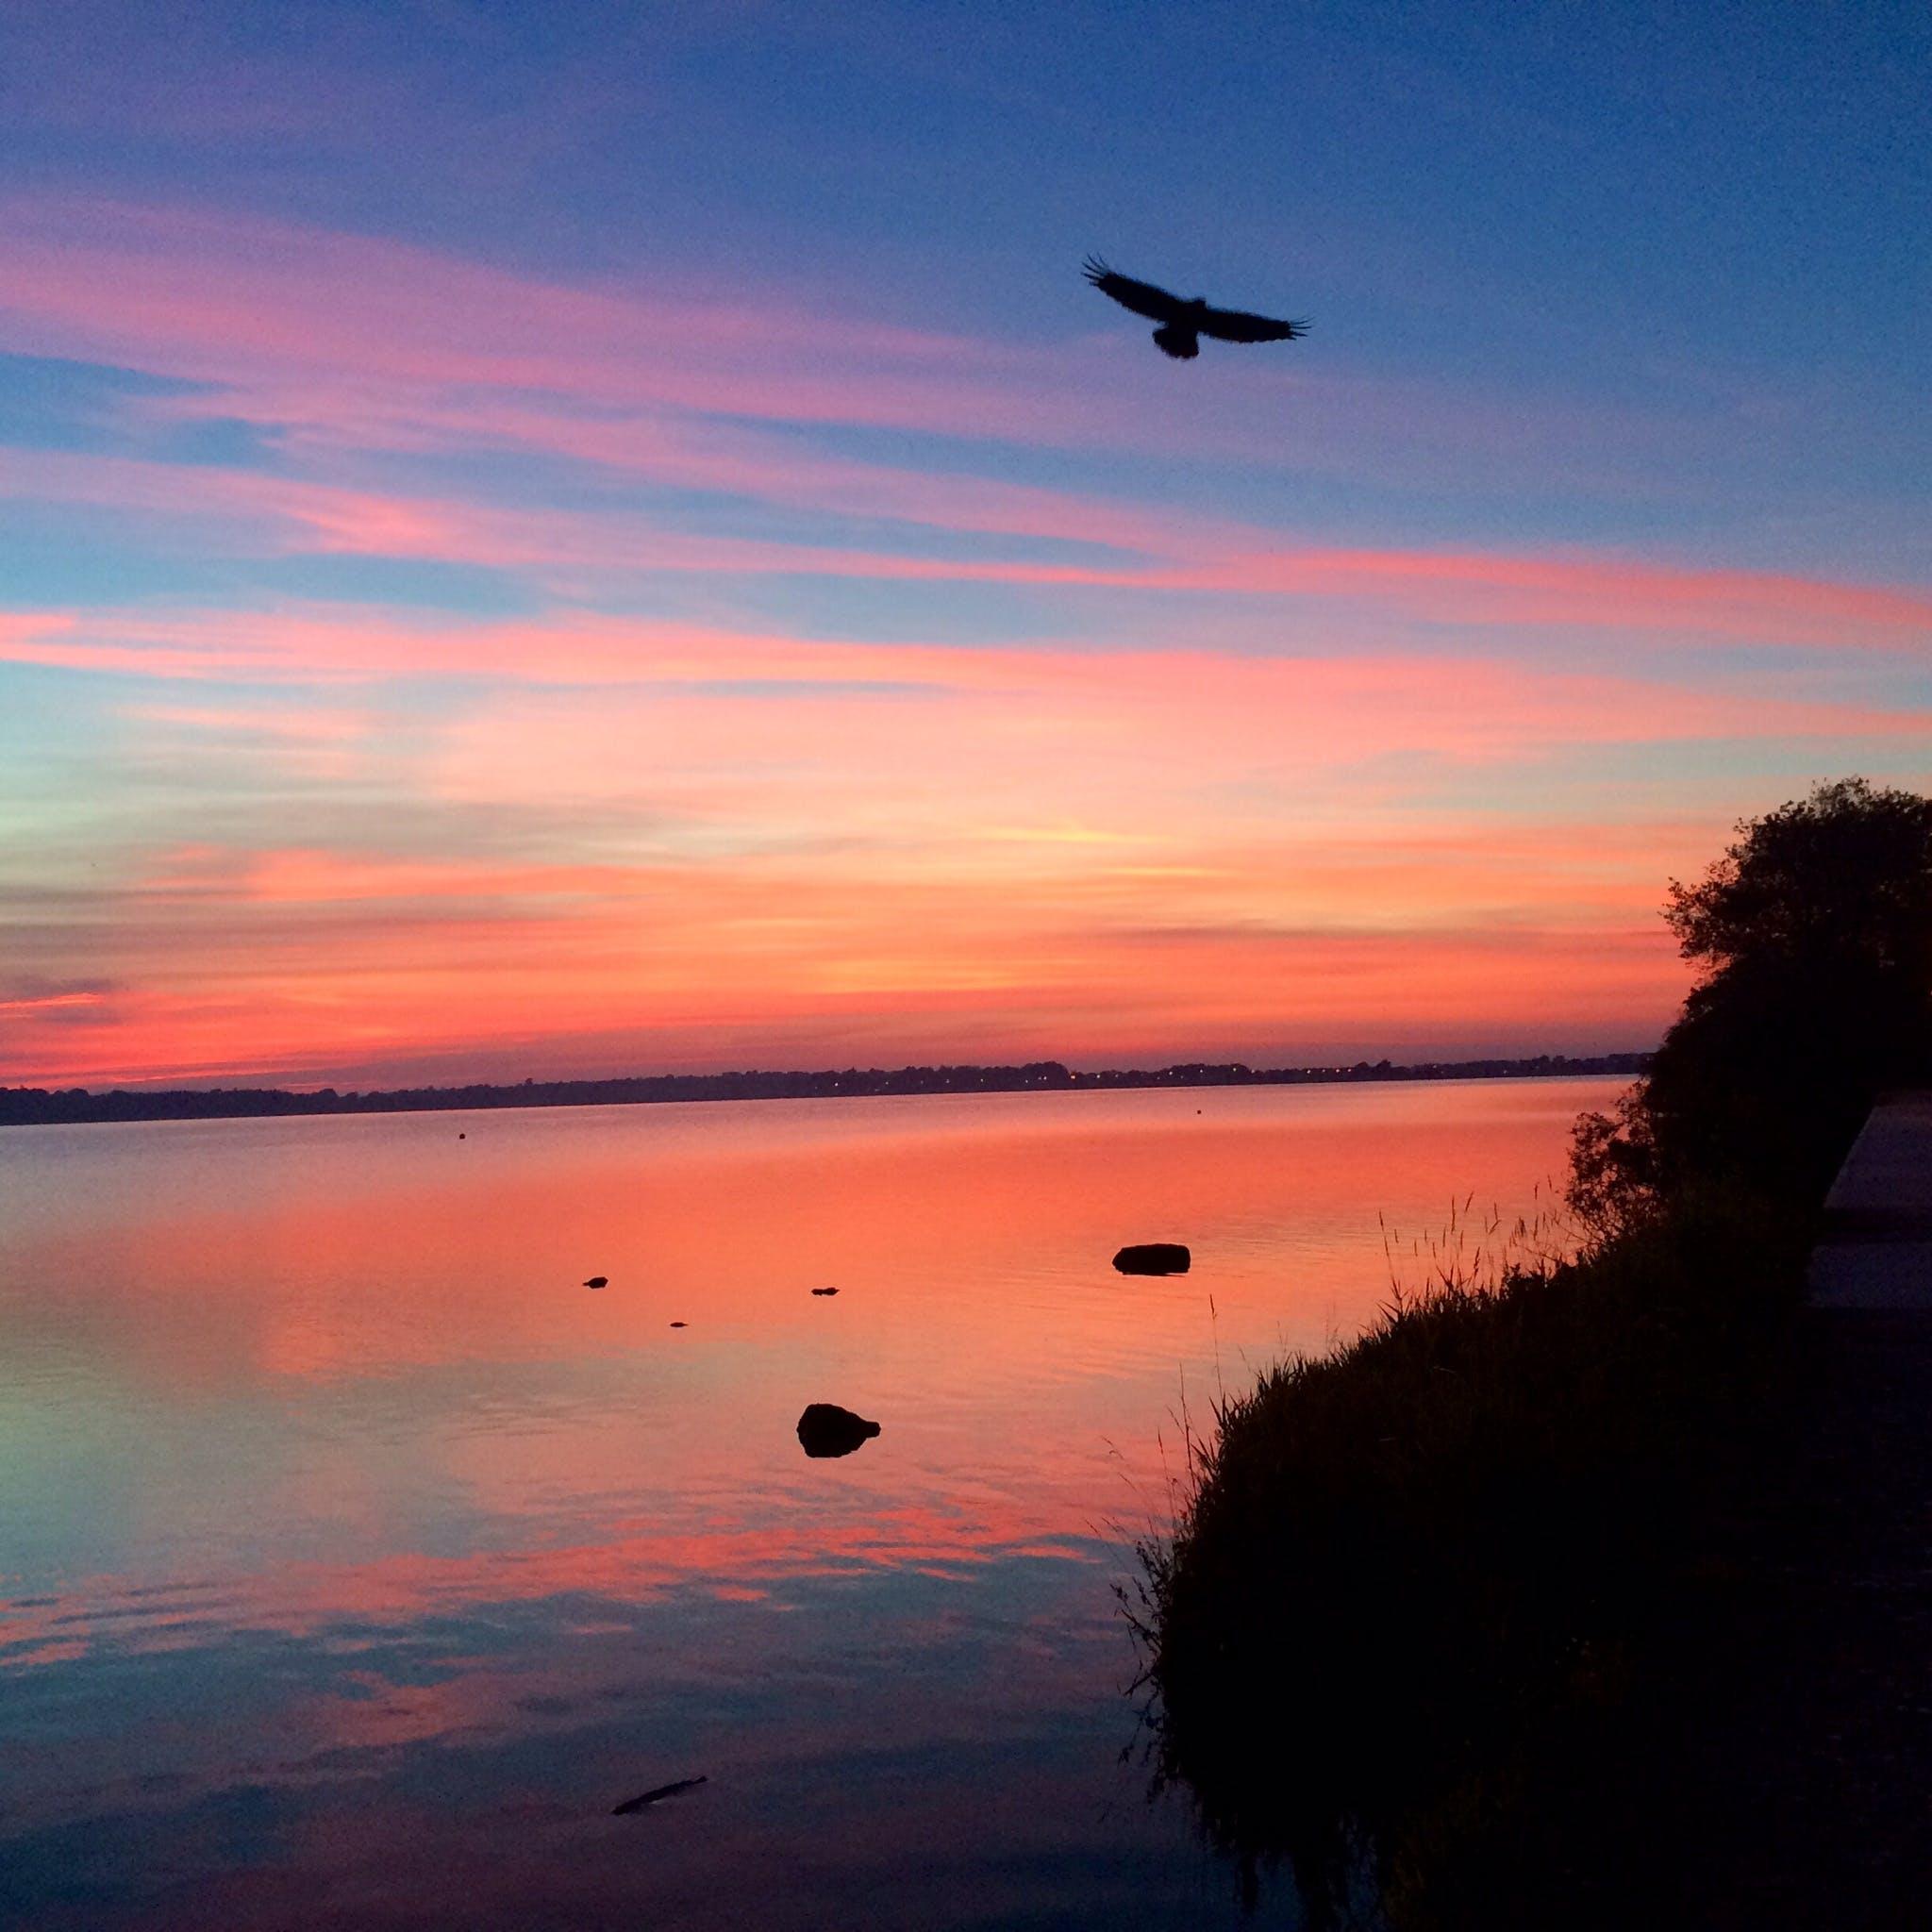 Free stock photo of sunset, bird, lake, Galway